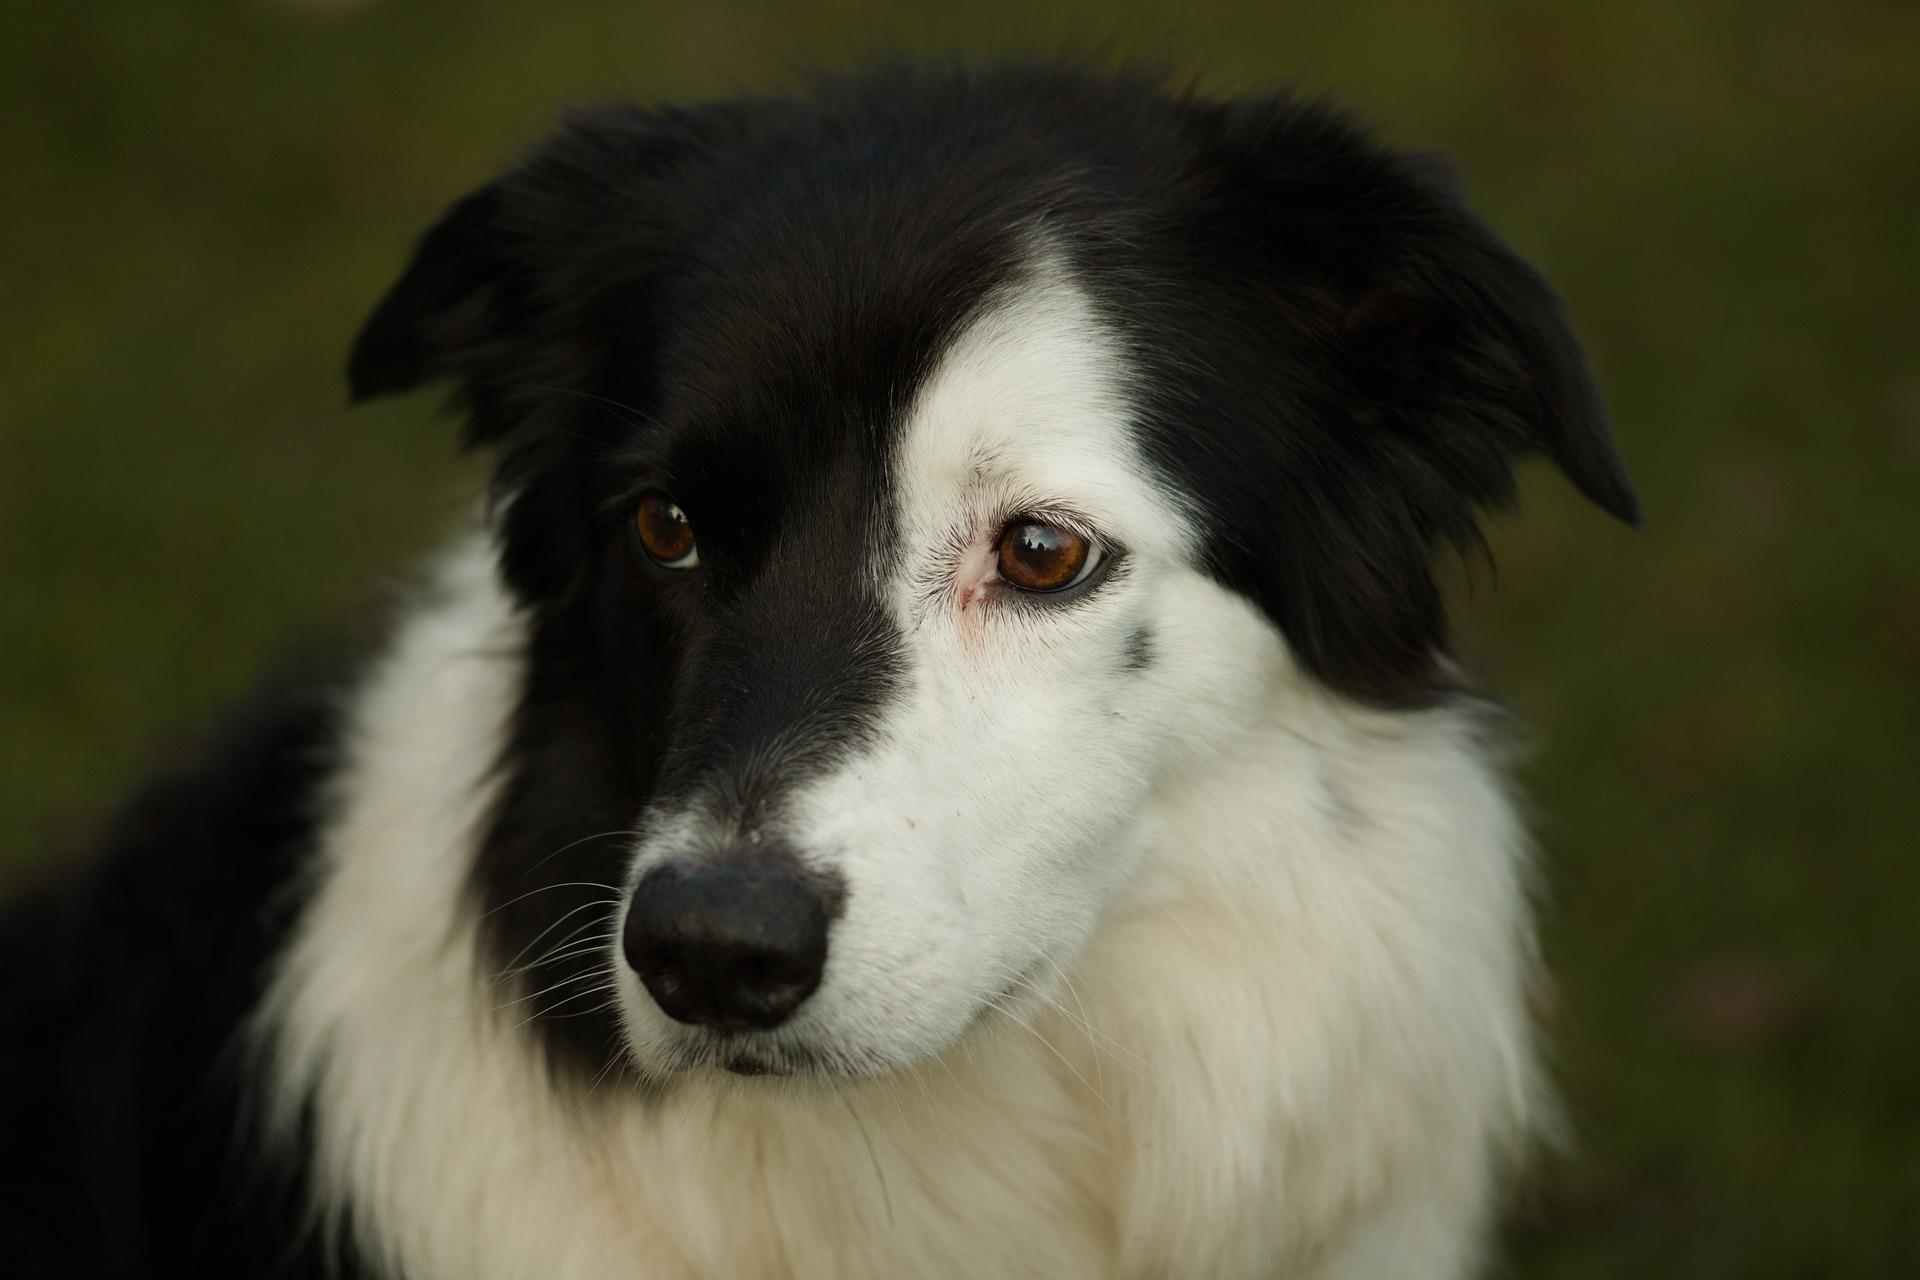 Przy zapaleniu spojówek u psa bardzo ważna jest szybko diagnostyka i usunięcie przyczyny wystąpienia problemu. Zazwyczaj konieczne jest wprowadzenie środków farmakologicznych i regularne przemywanie oczu.